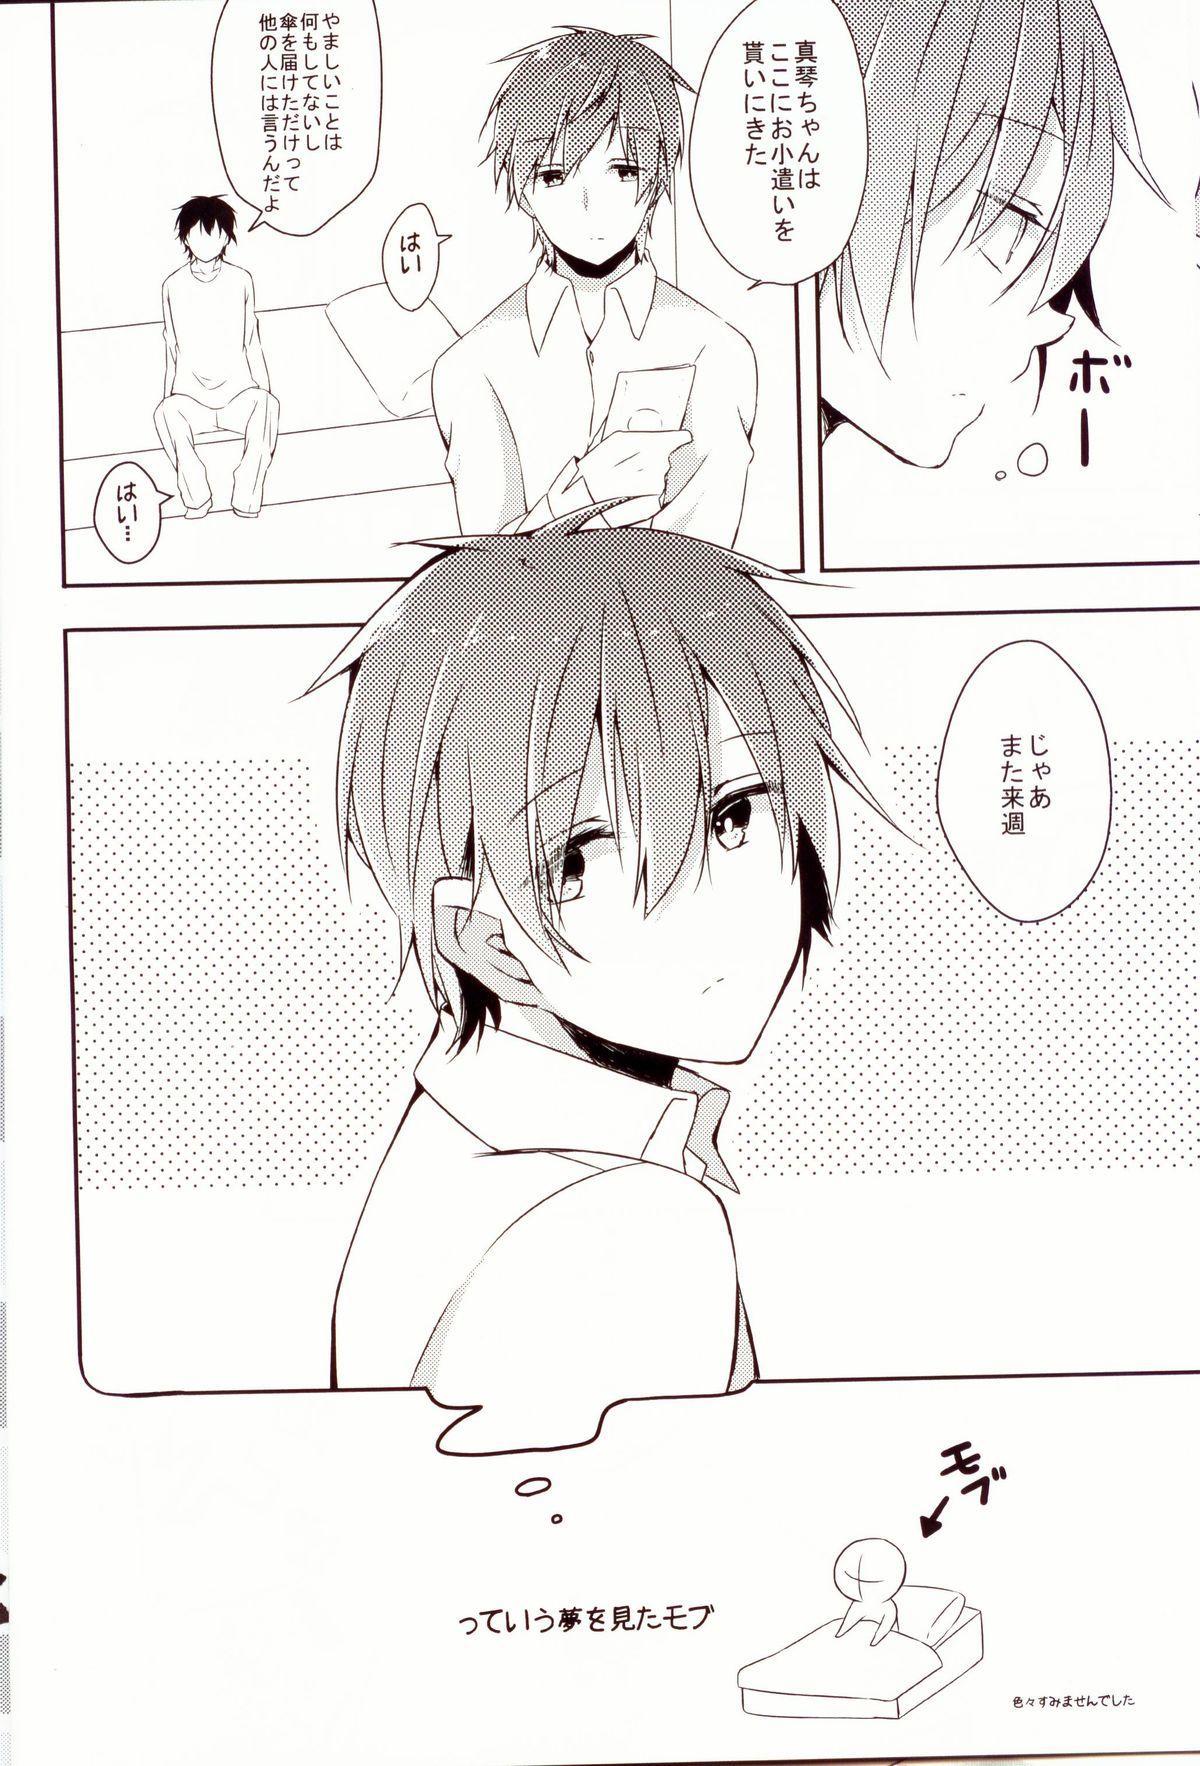 Makoto-chan o doro doro ni suru hon 12